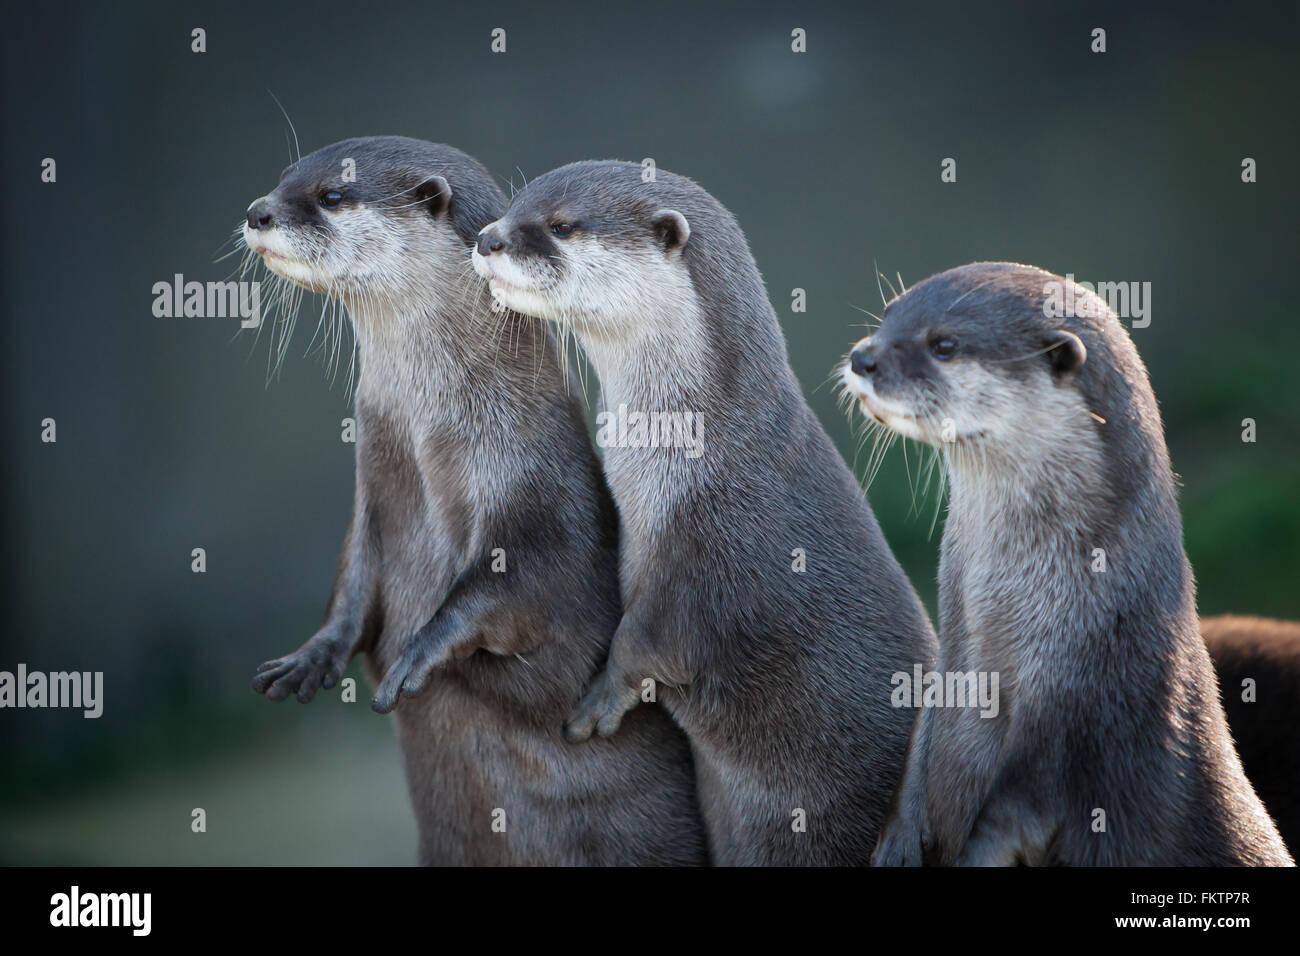 Tre prigionieri piccoli asiatici artigliato lontre guardando in lontananza. Immagini Stock